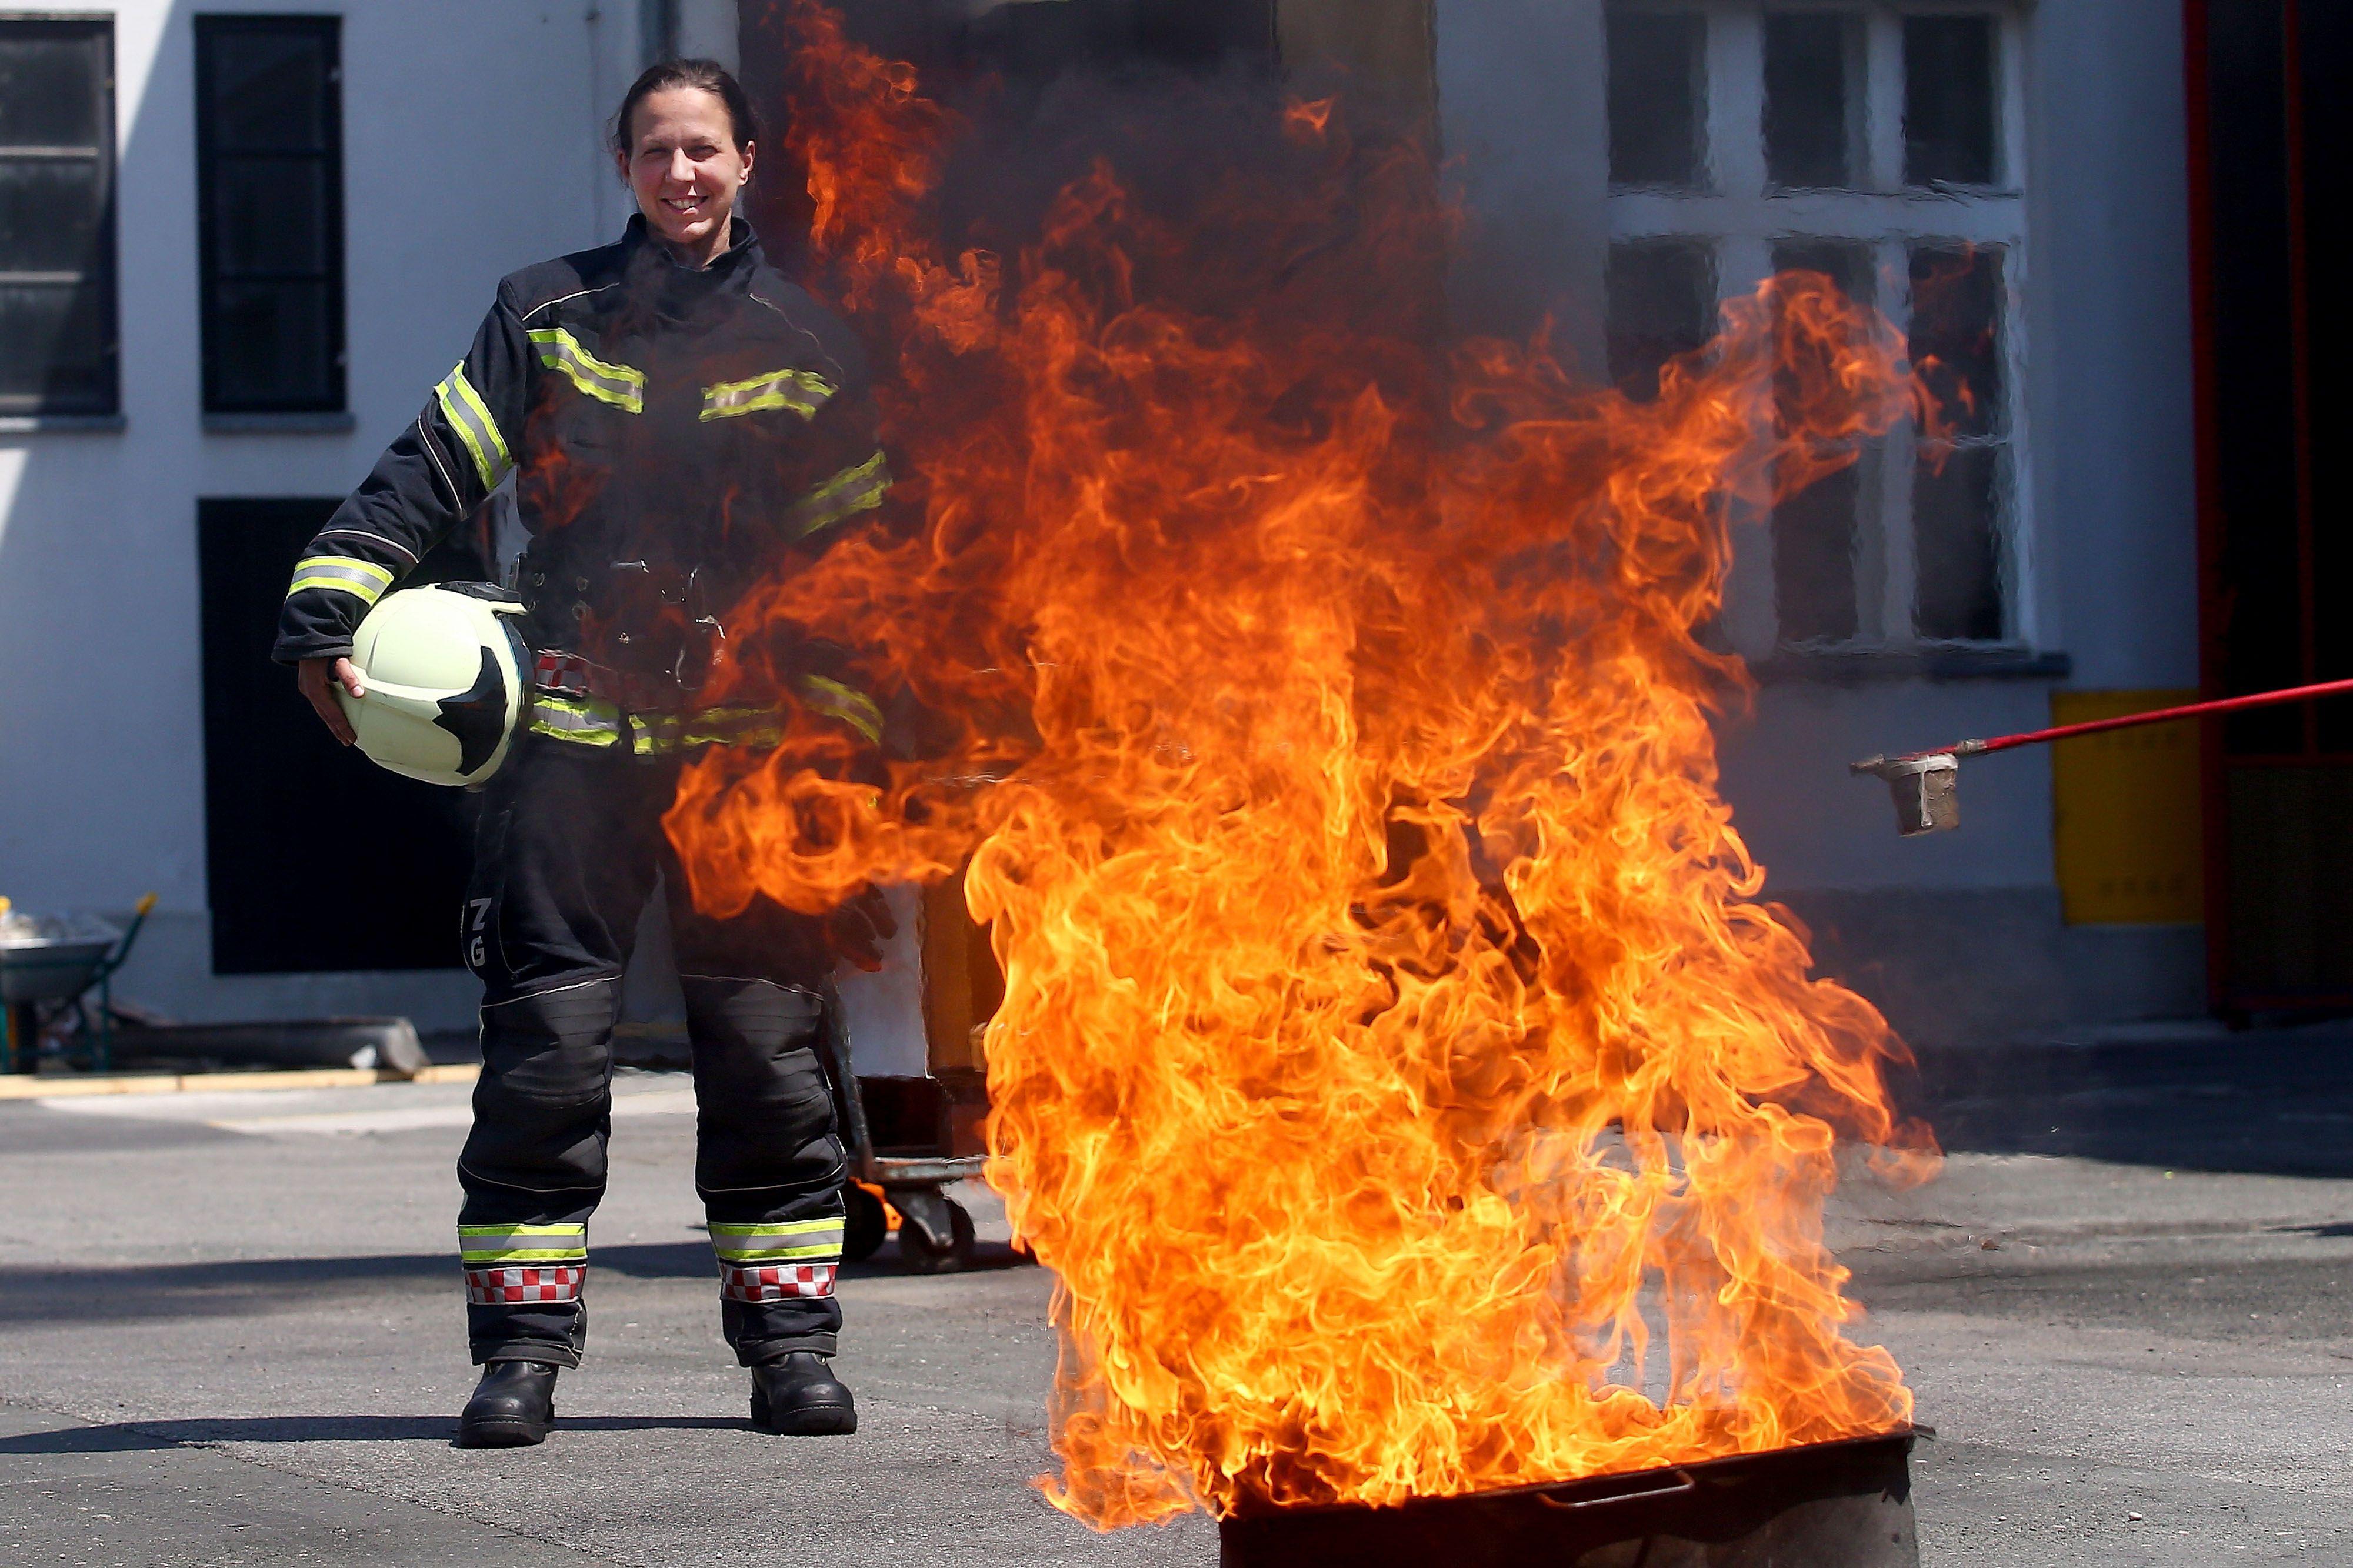 Prva profesionalna zagrebačka vatrogaskinja: 'Nakon zagrebačkog potresa bilo je teško, i fizički i psihički'